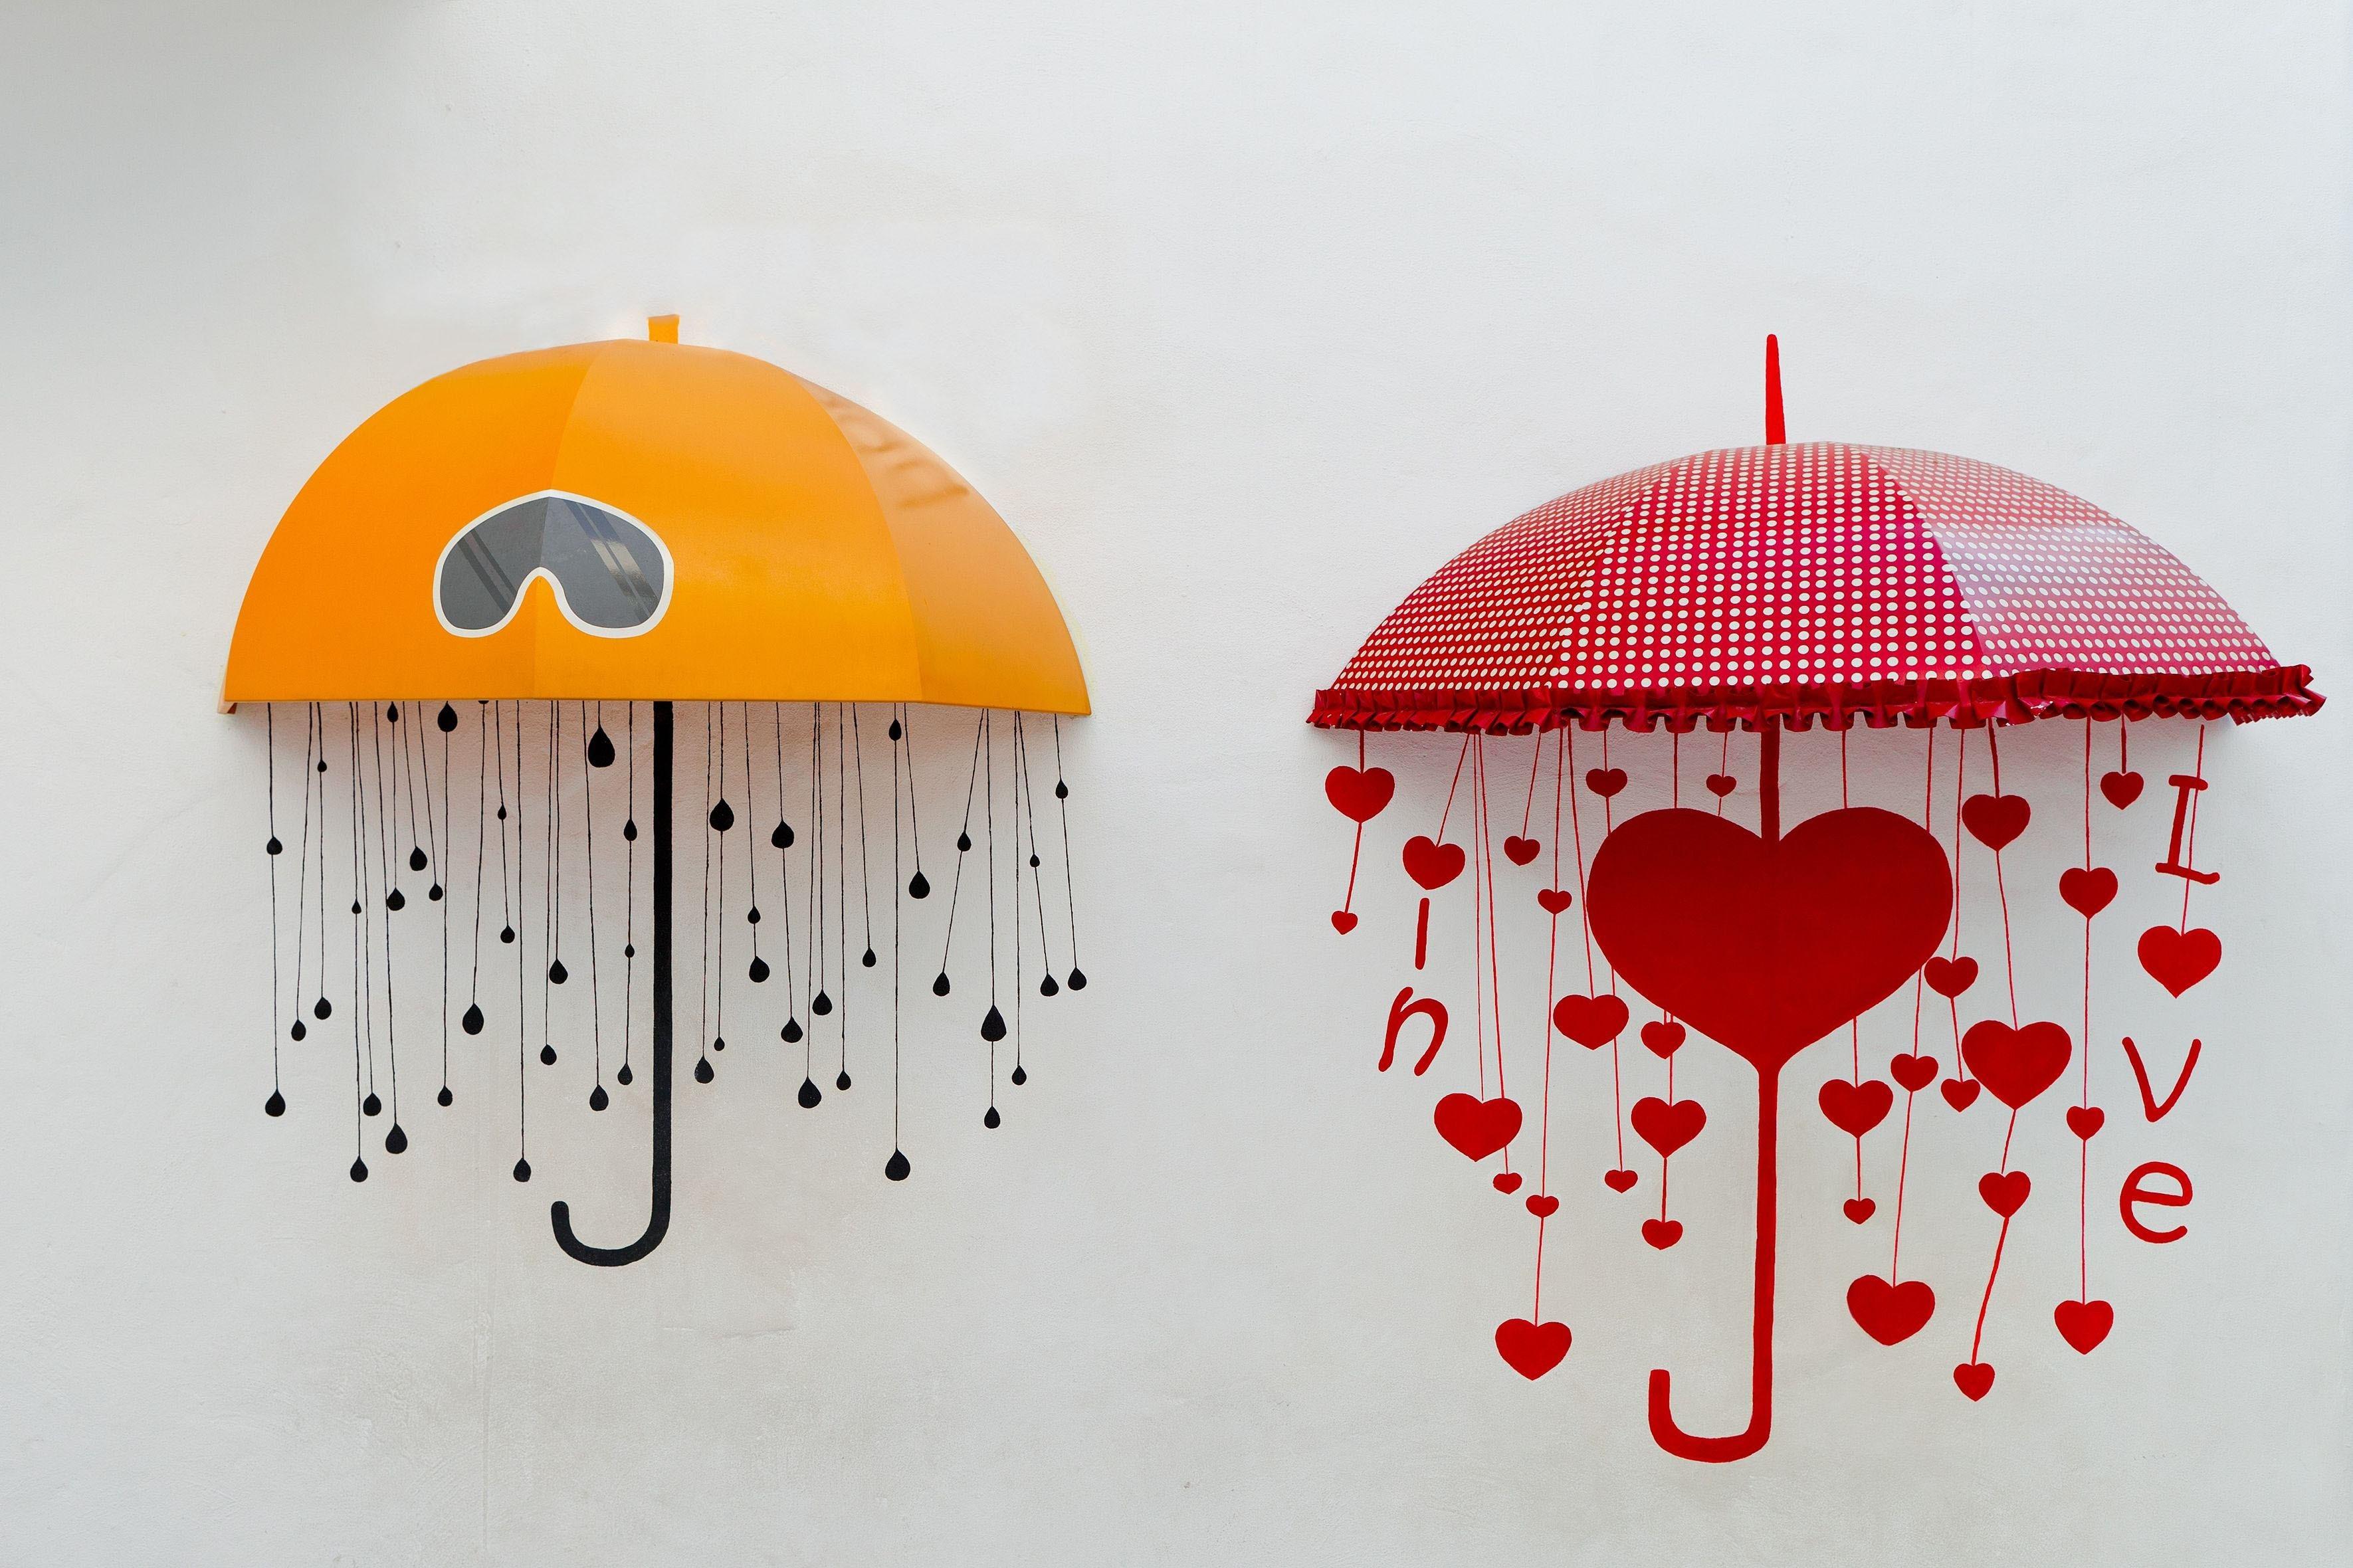 82715壁紙のダウンロードラブ, 傘, 即興, 画像, ドローイング, 心-スクリーンセーバーと写真を無料で